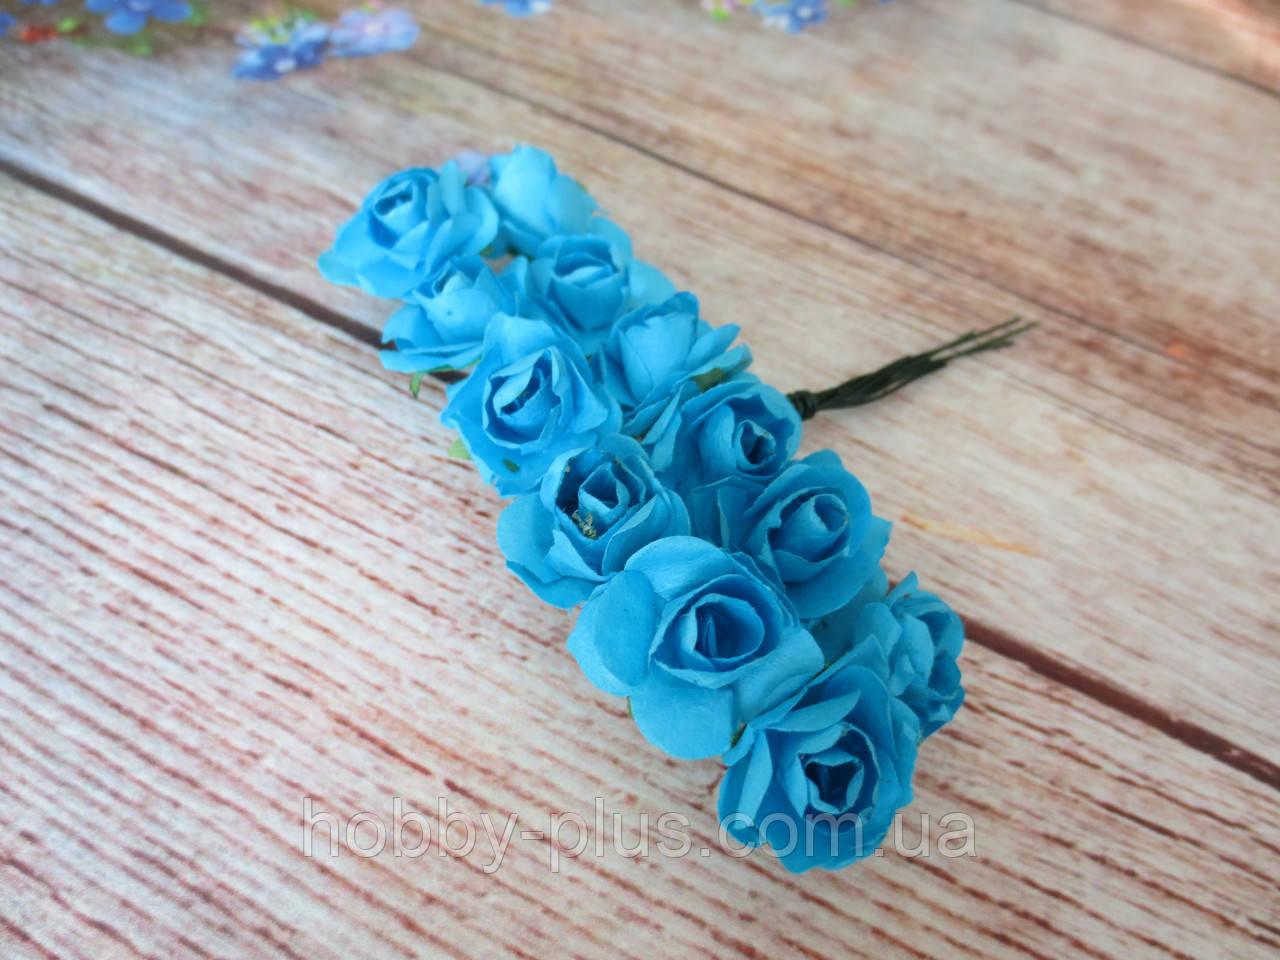 Роза бумажная, d 1,5 см, цвет БИРЮЗОВЫЙ, 12 шт/упаковка